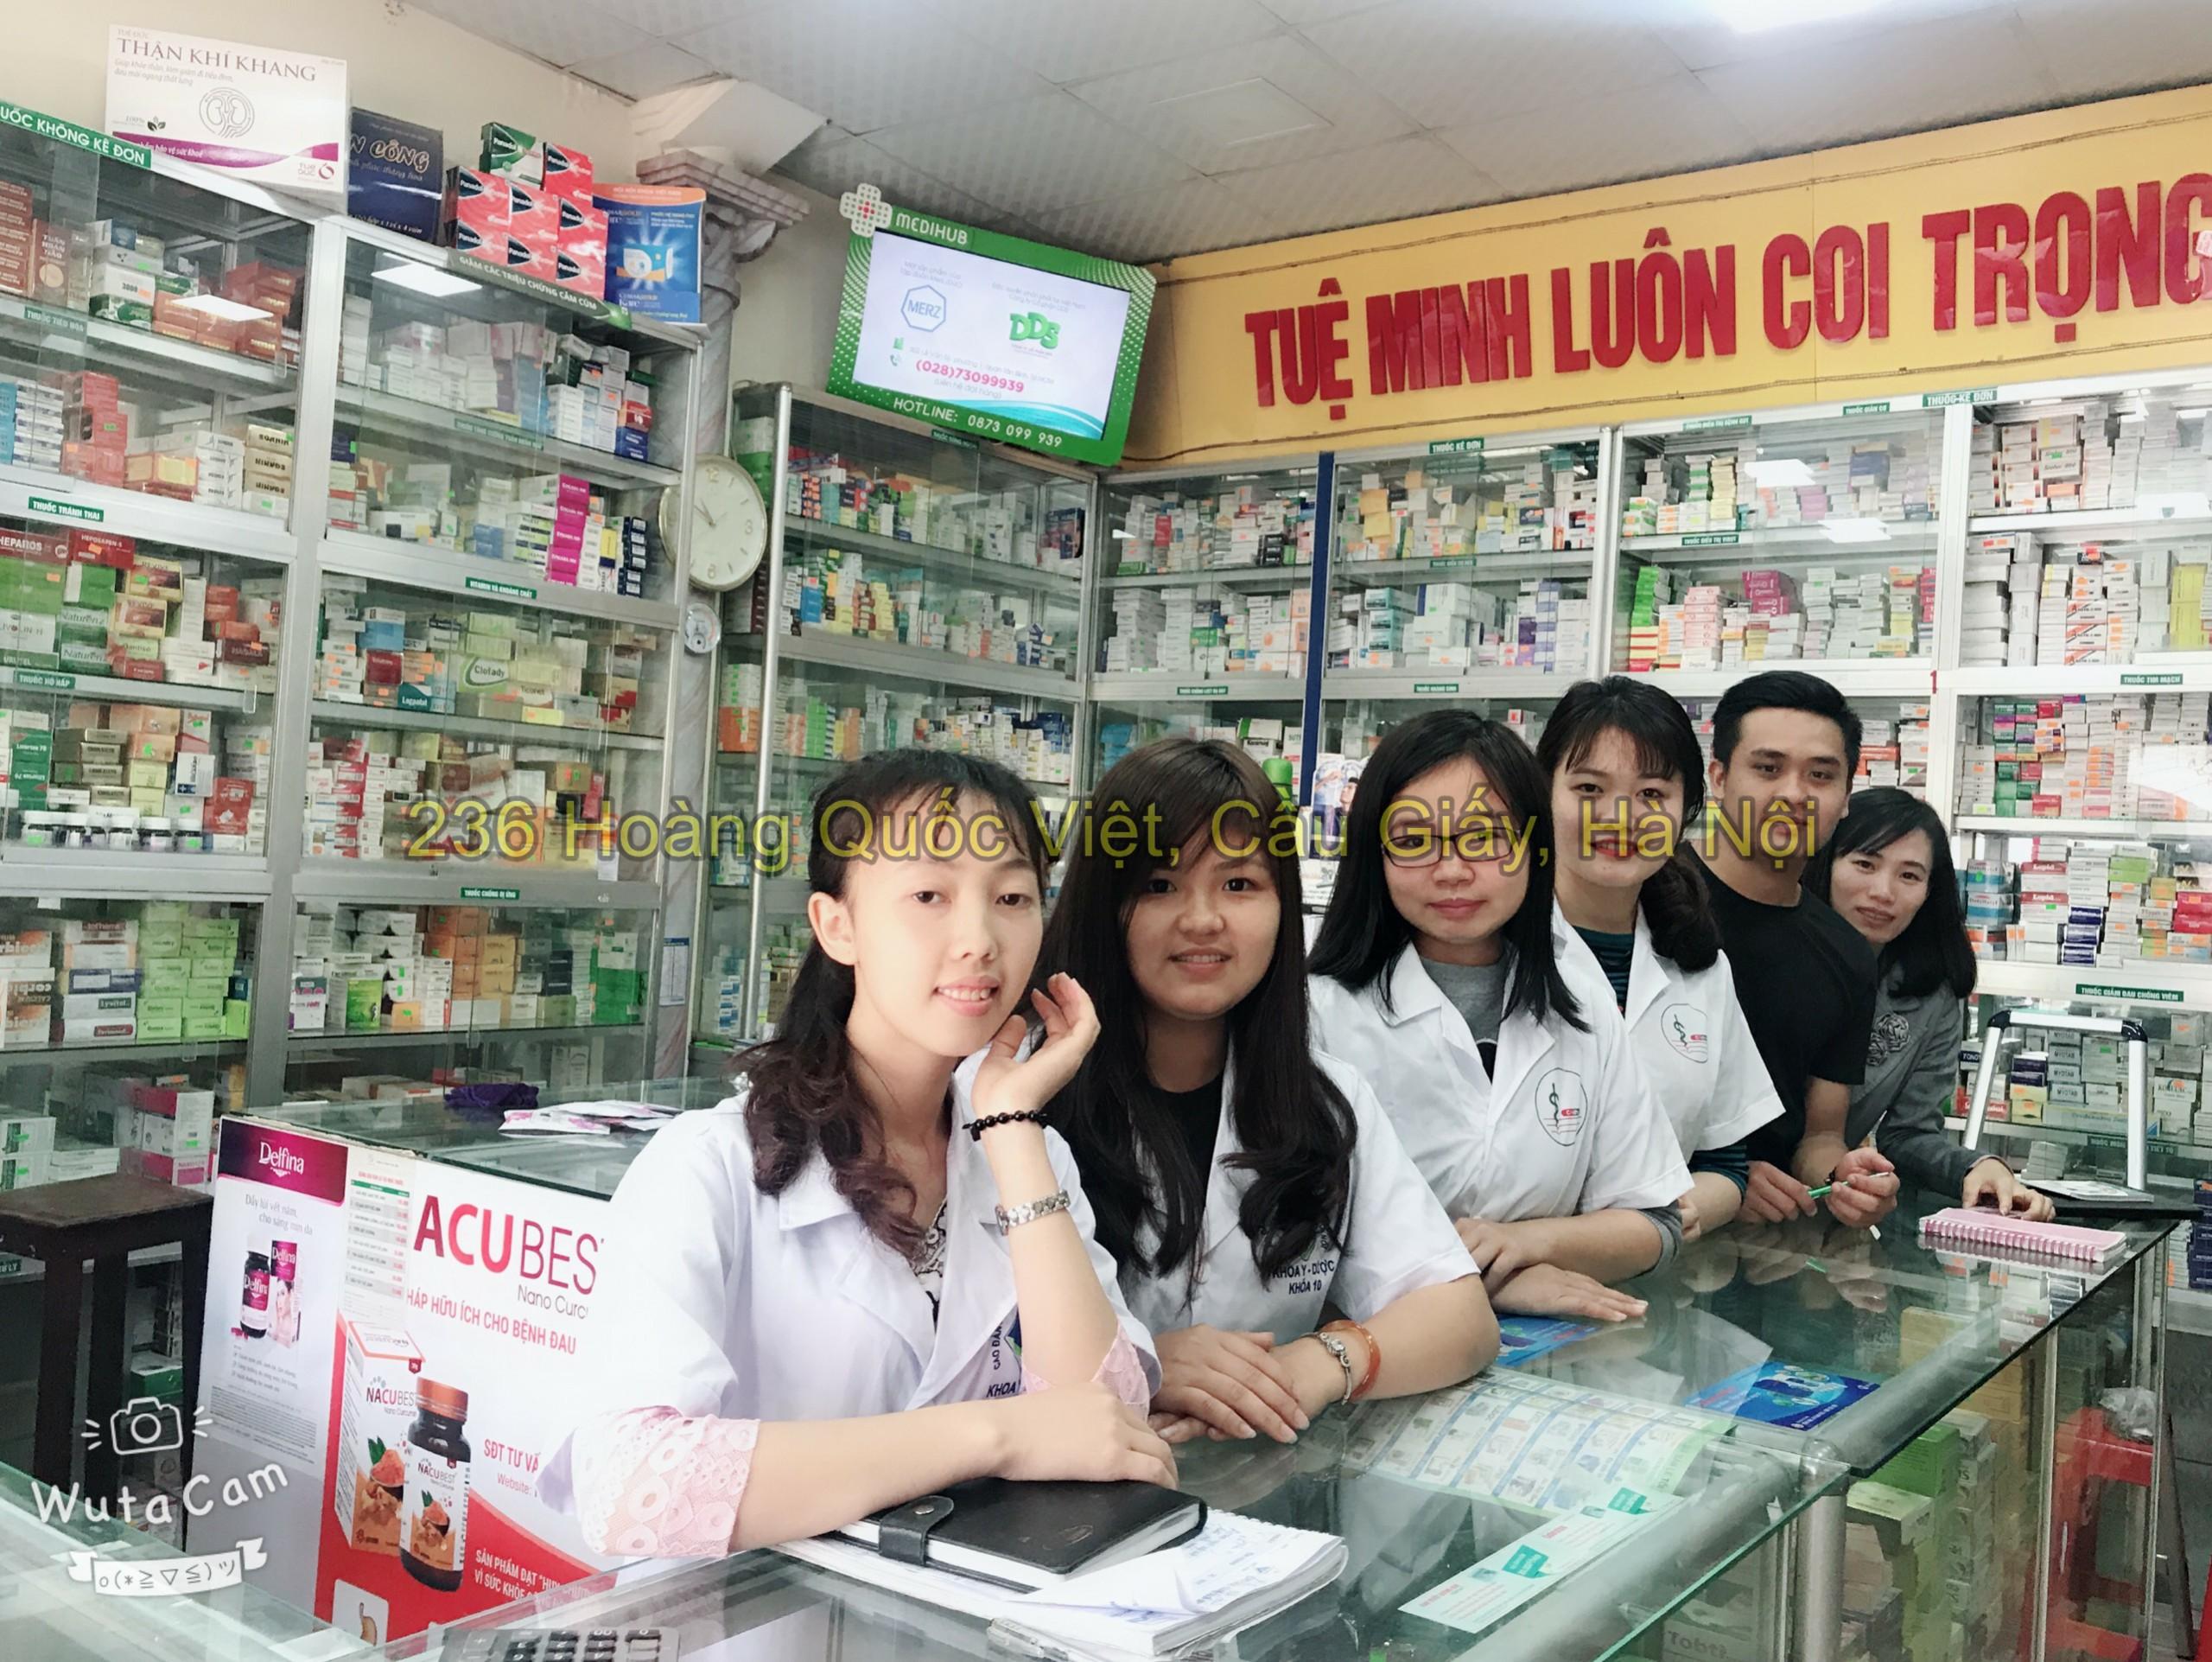 Sinh viên đi thực tập tại Nhà thuốc